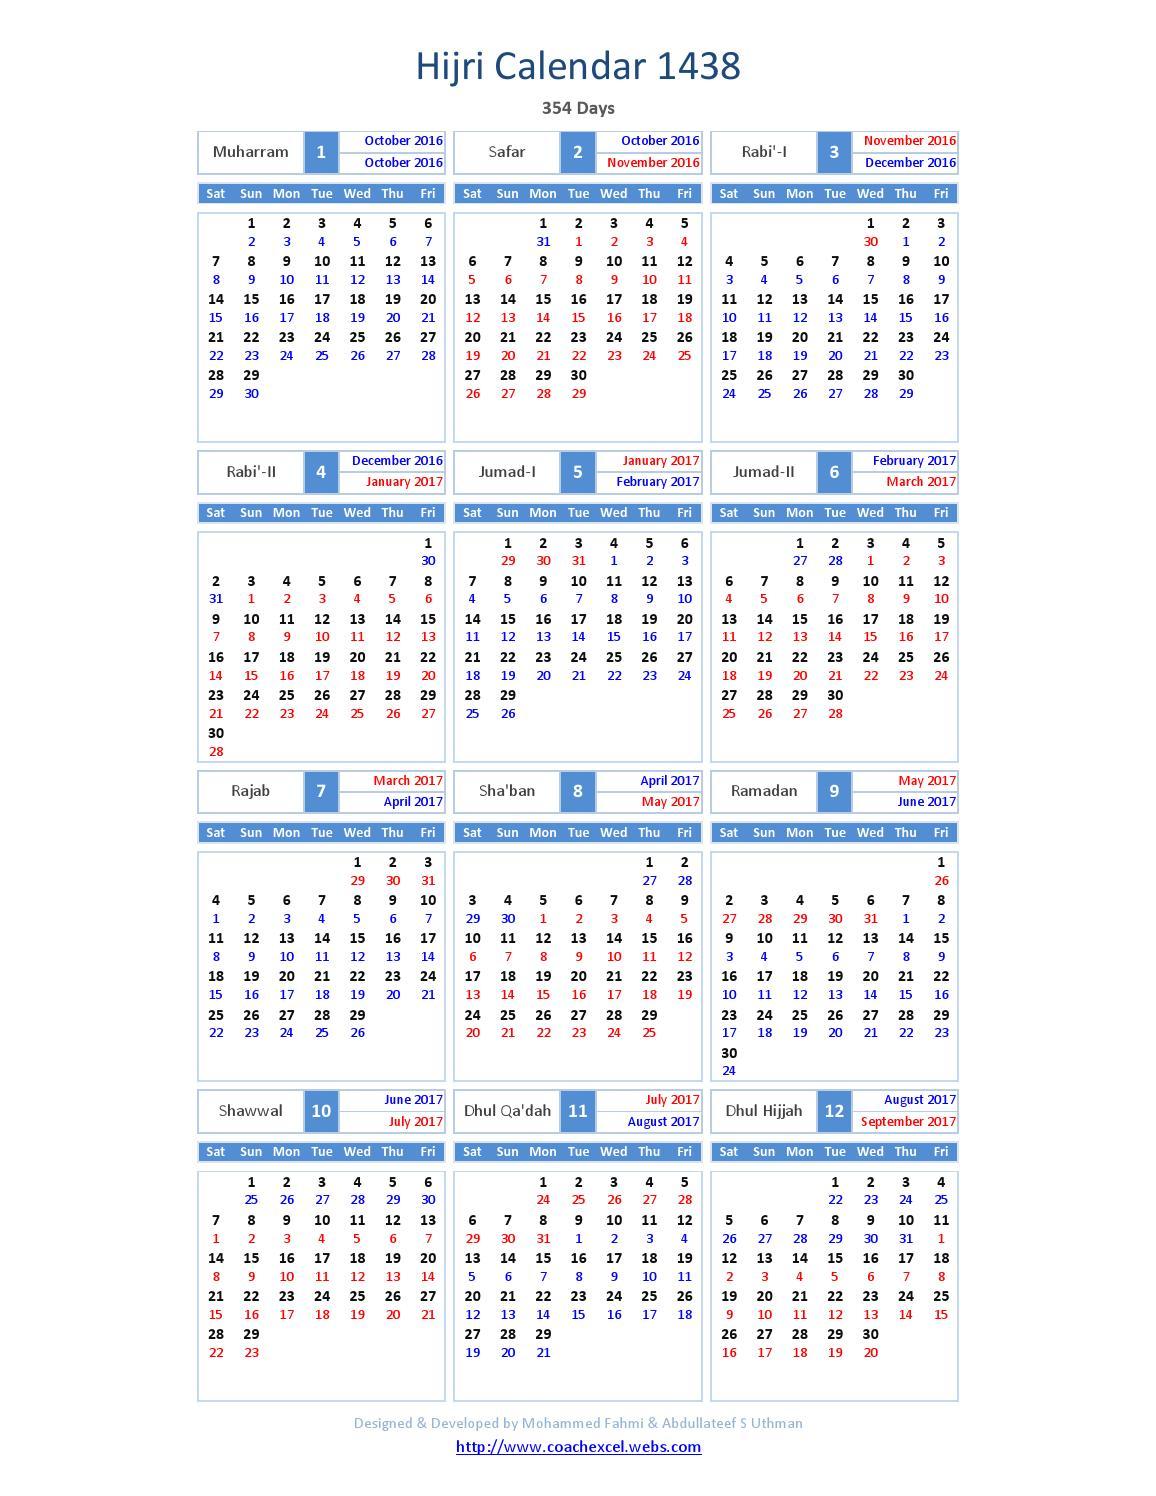 Hijri calendar 1438 by